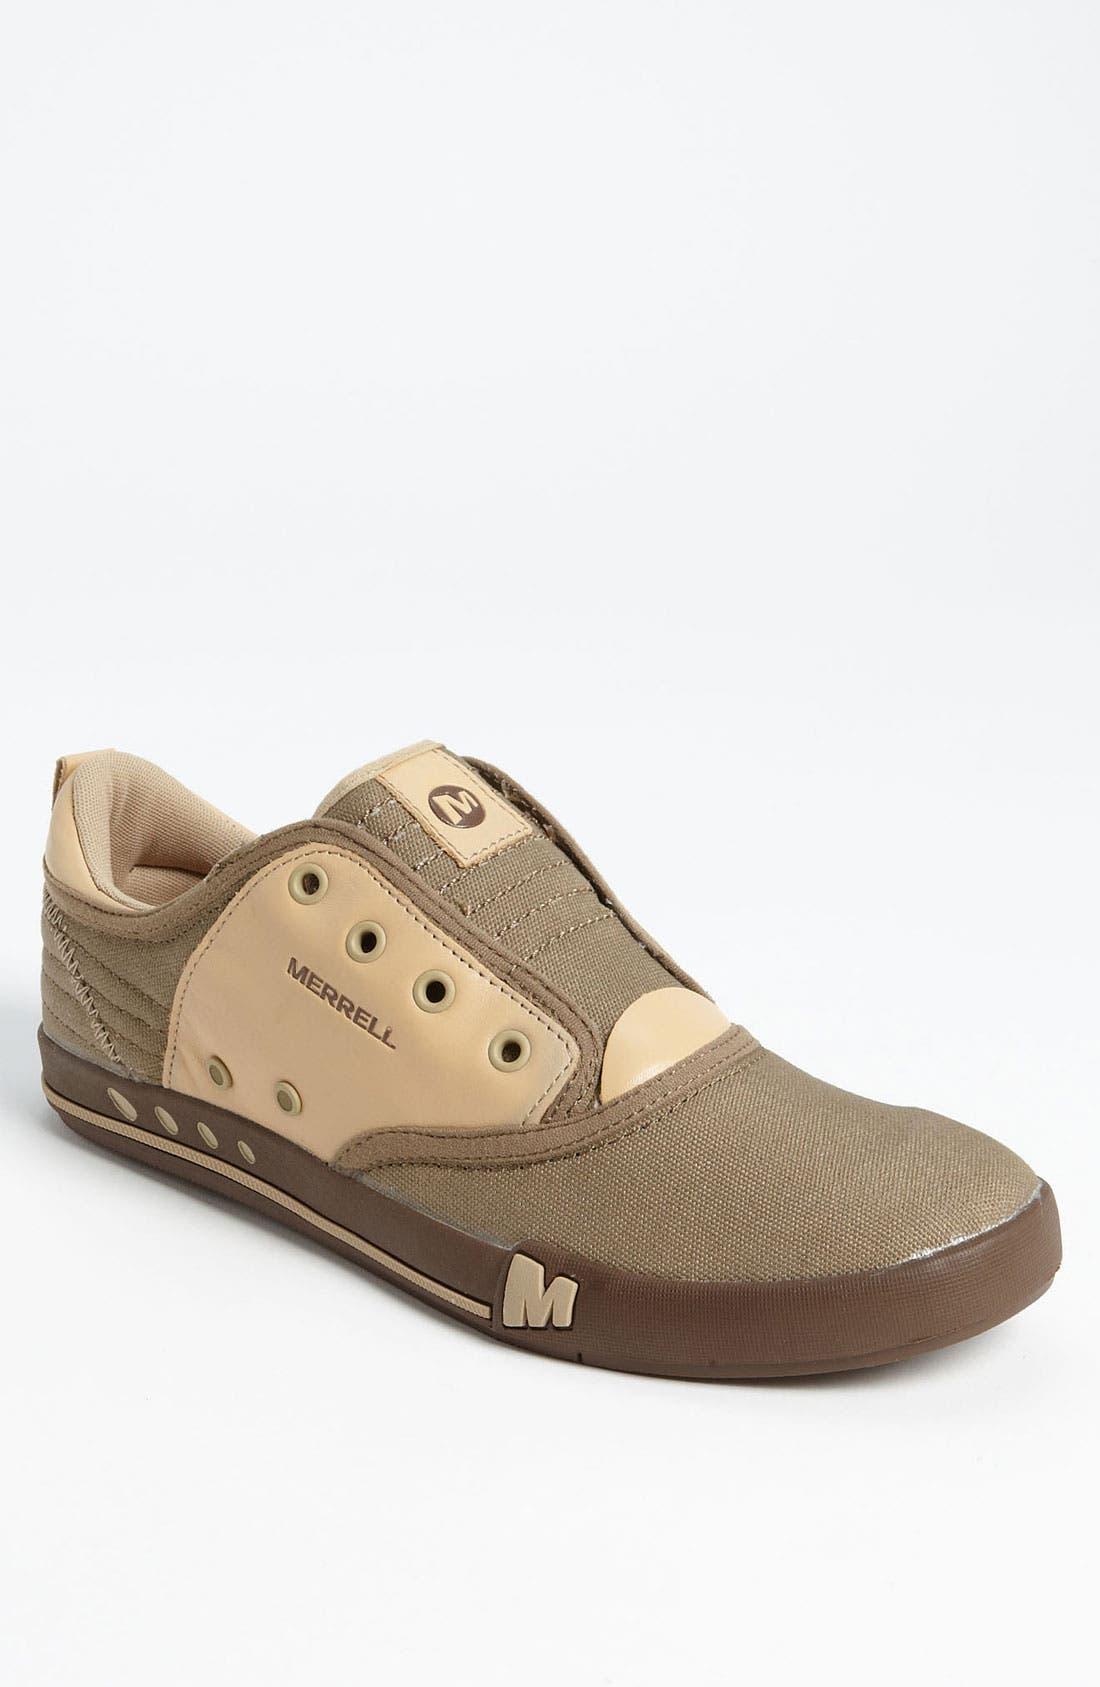 Alternate Image 1 Selected - Merrell 'Embark Epic' Sneaker (Men)